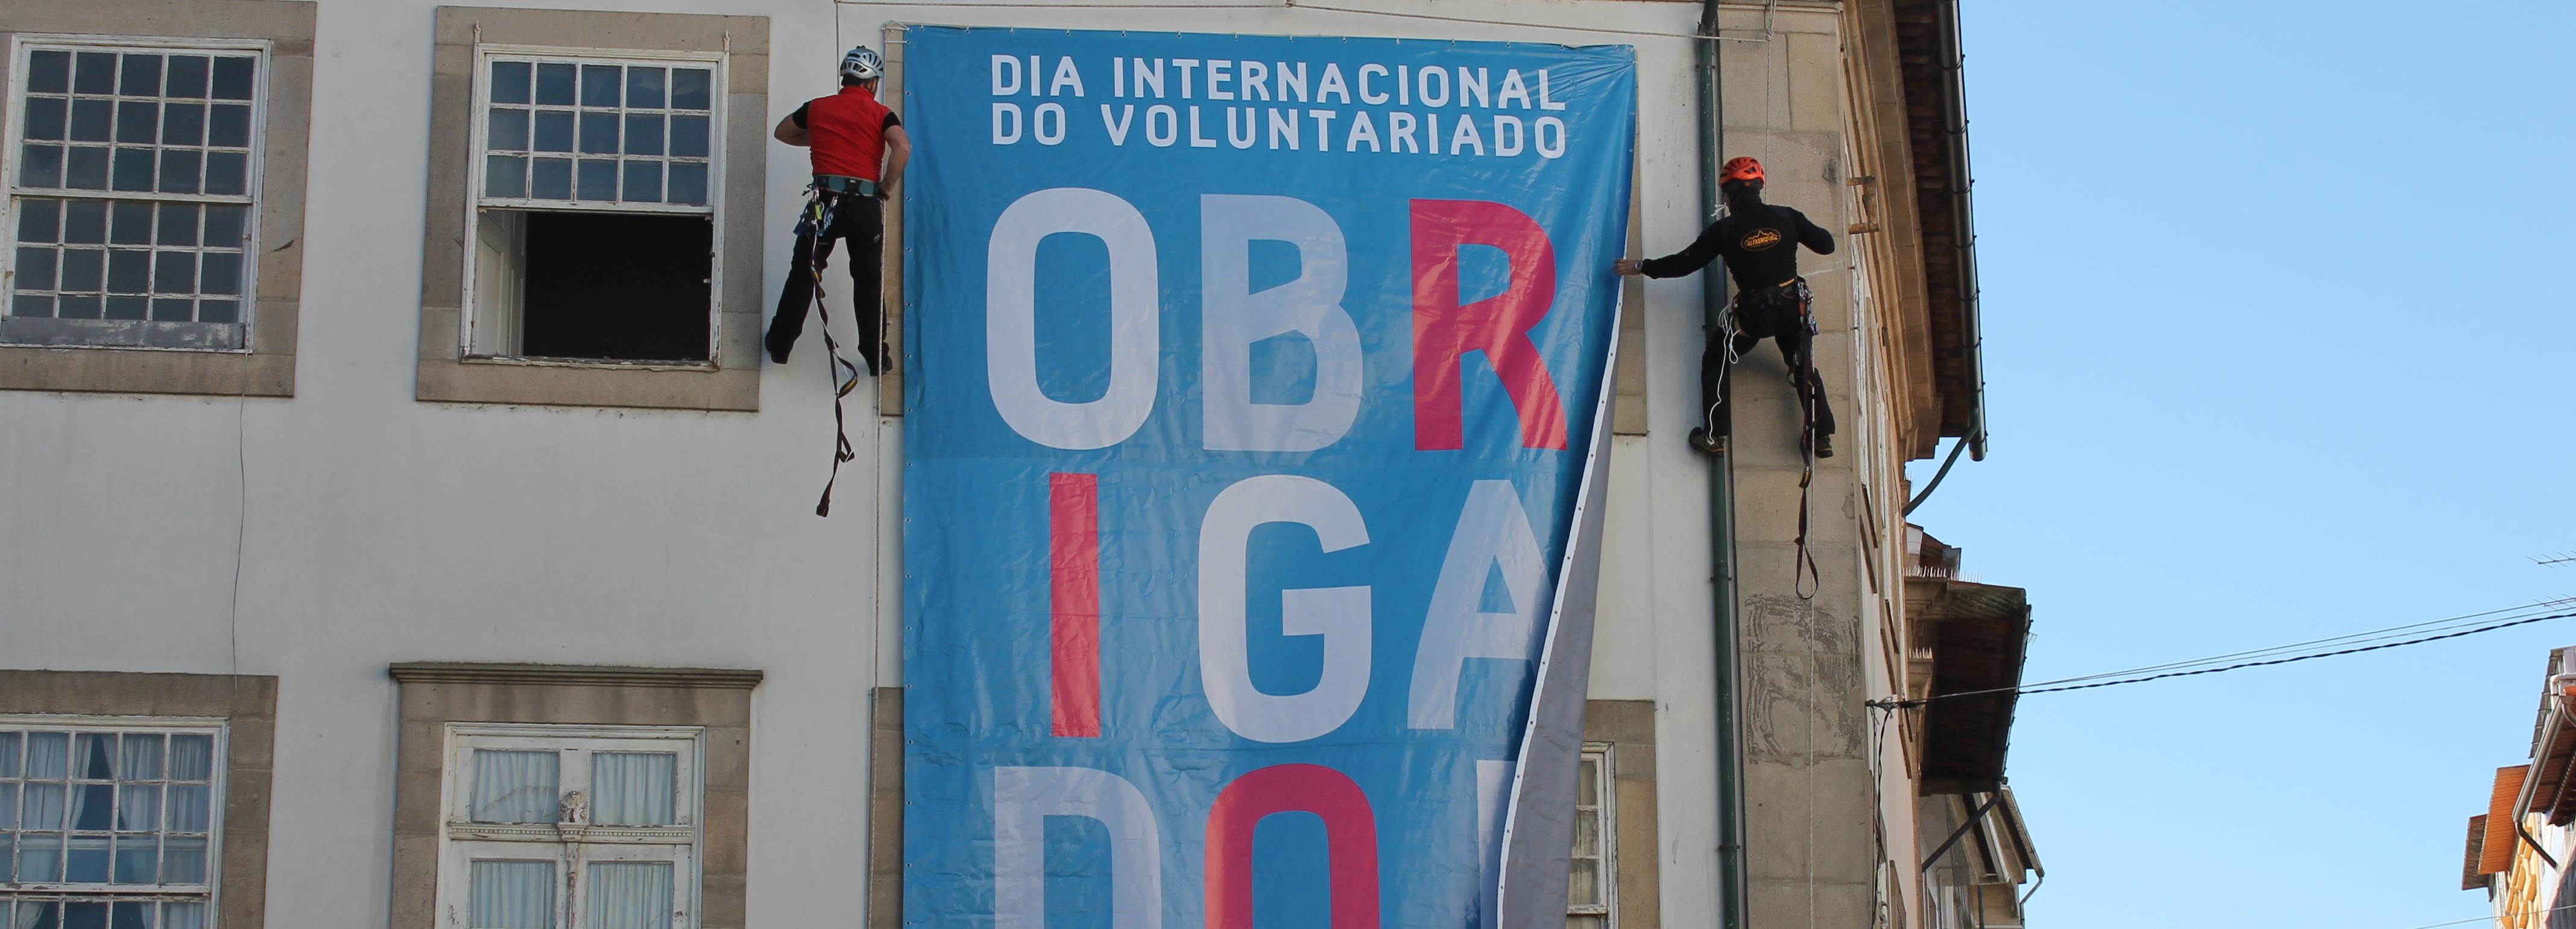 Barcelos comemorou Dia Internacional do Voluntariado